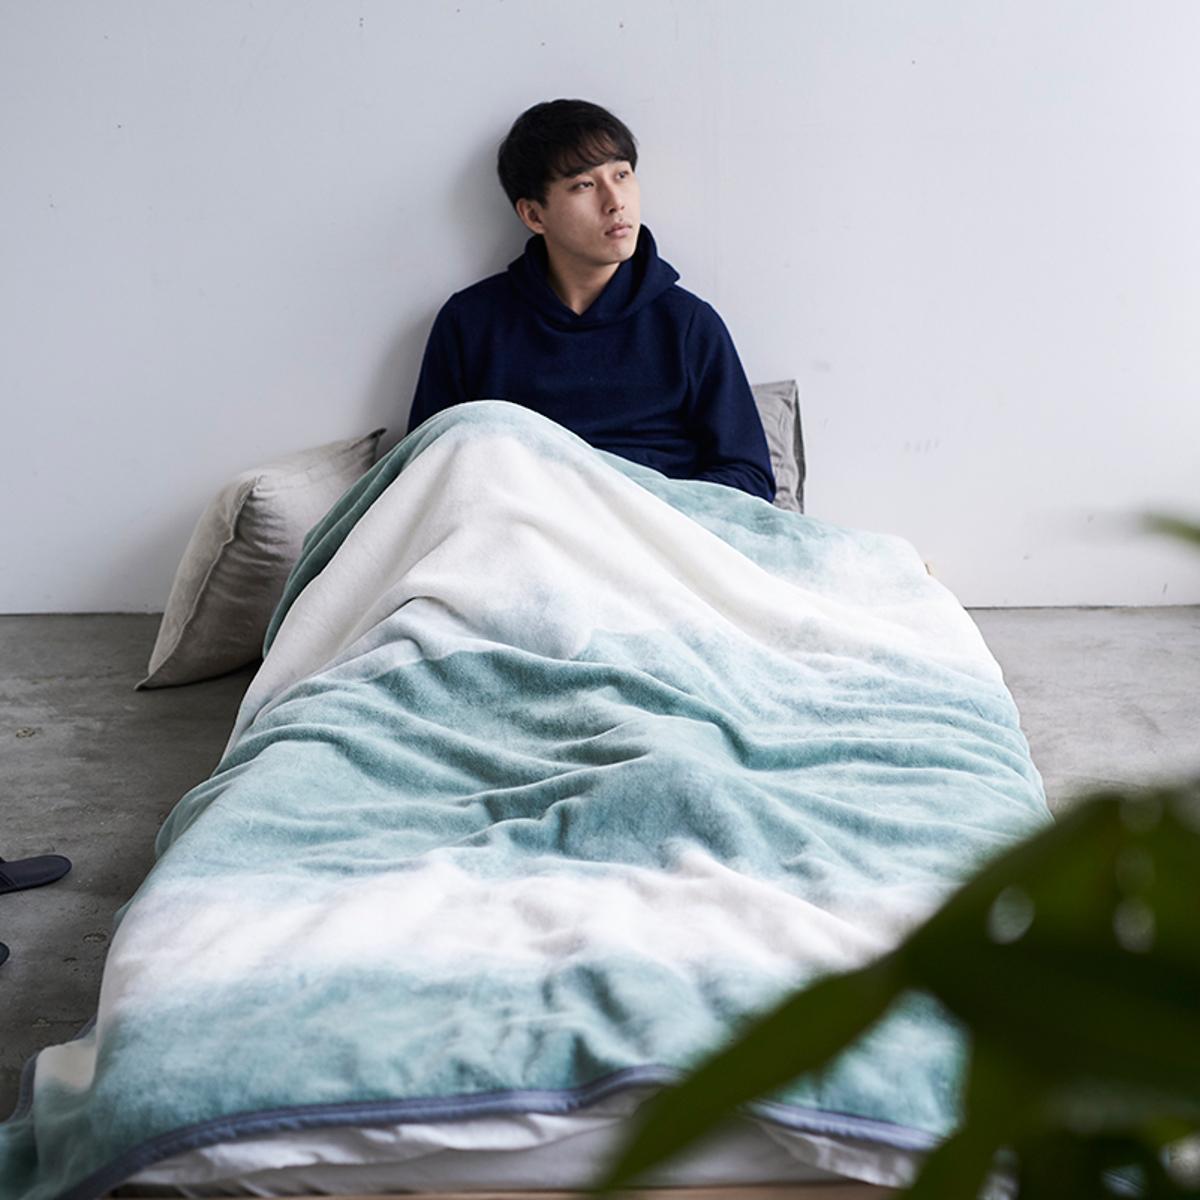 「タイトルのある毛布」が、空間を変える 夏も冬も、気持ちいい!綿毛布の自然な柔らかさ